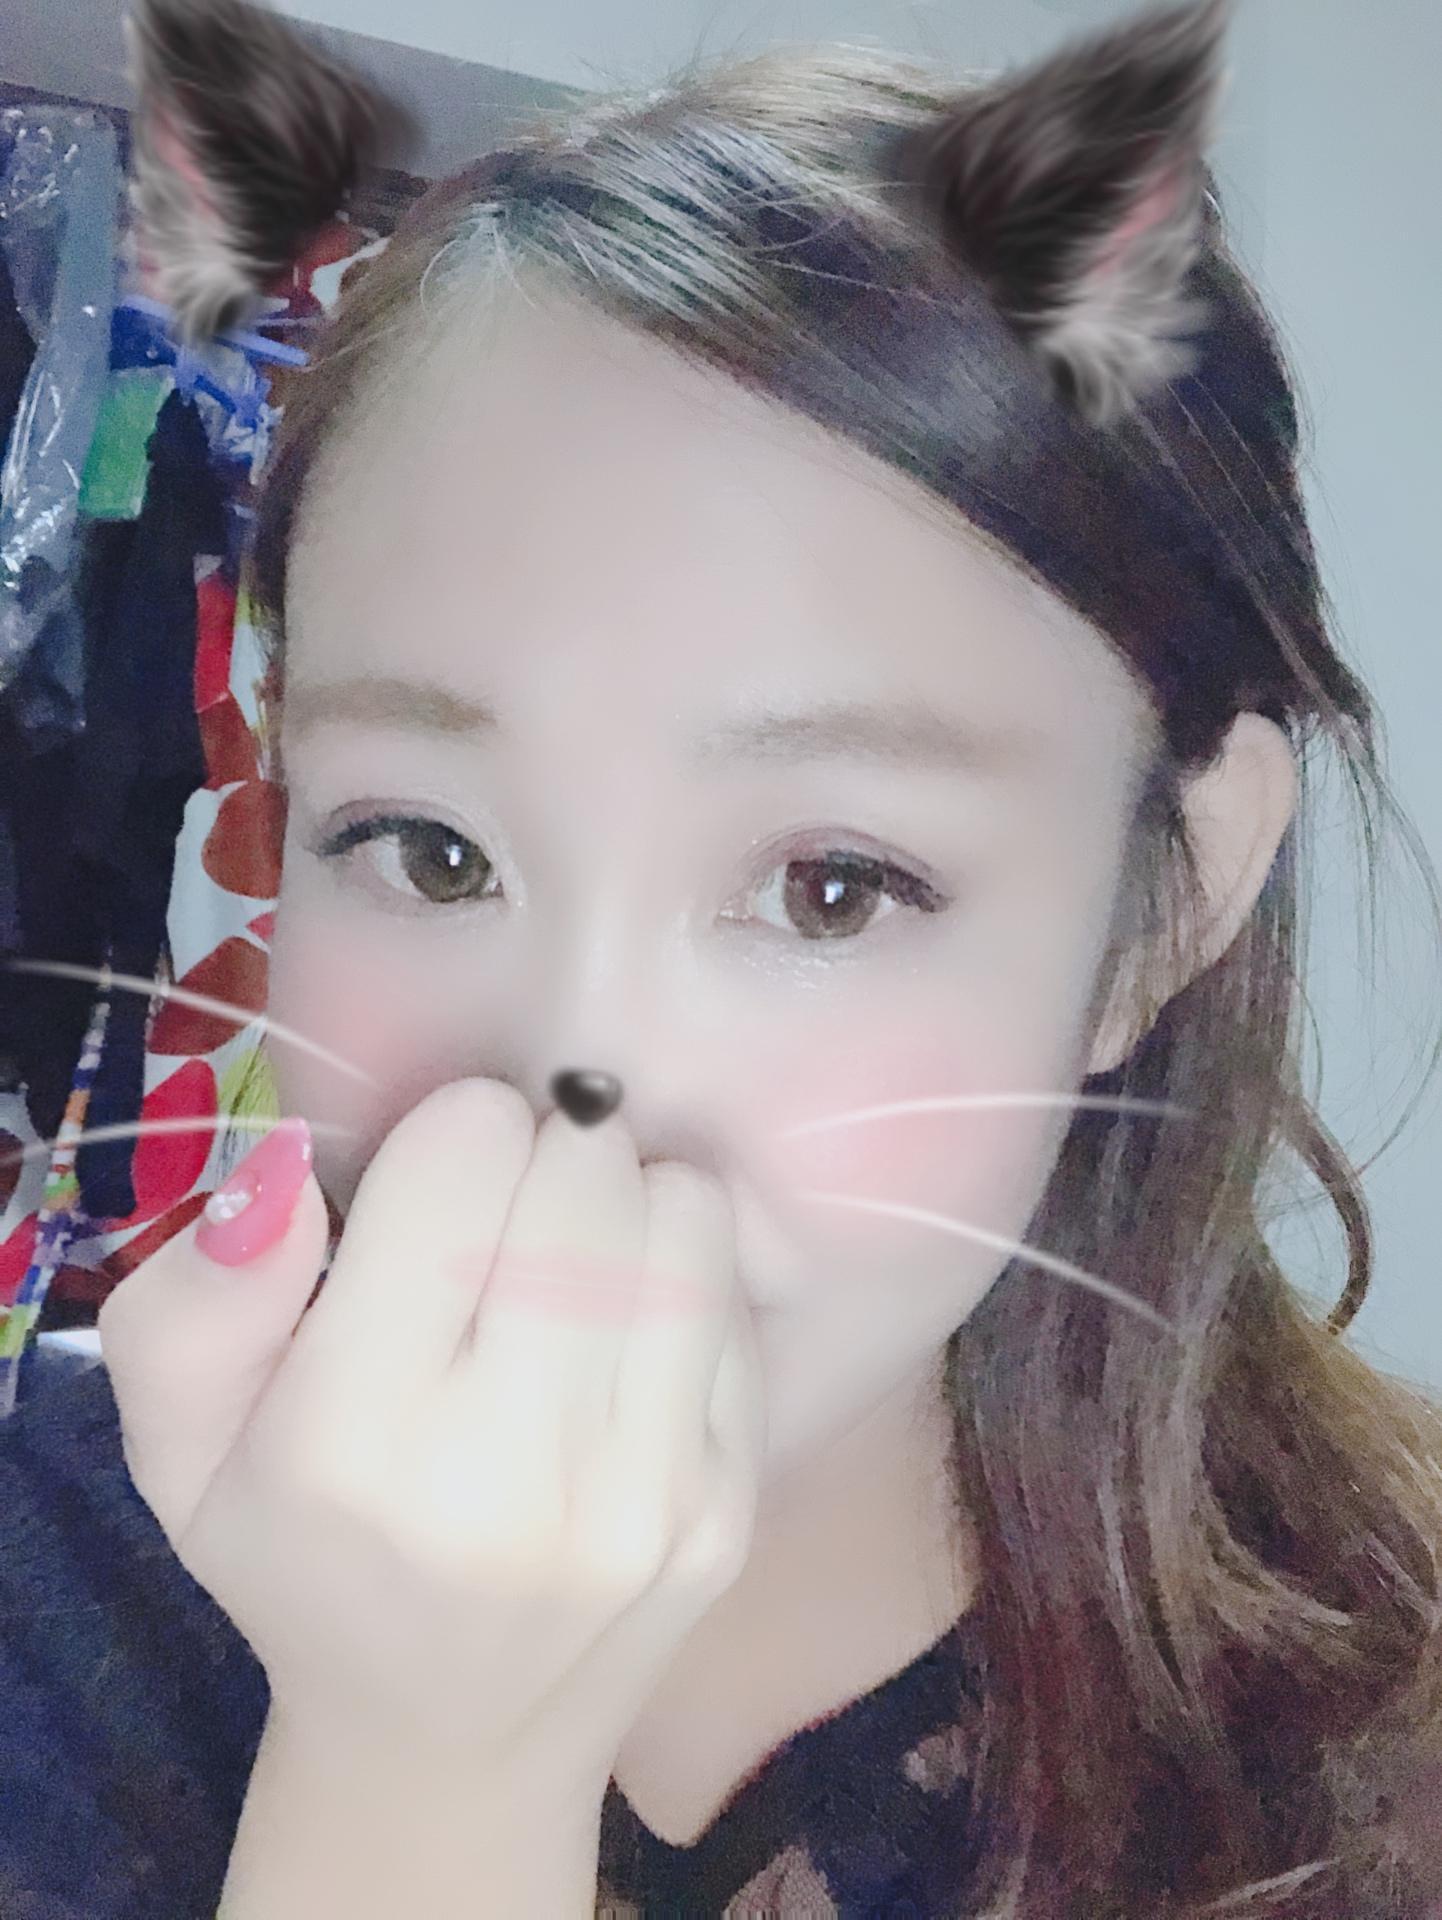 「でこひろしまい」01/20(日) 20:24 | まいの写メ・風俗動画